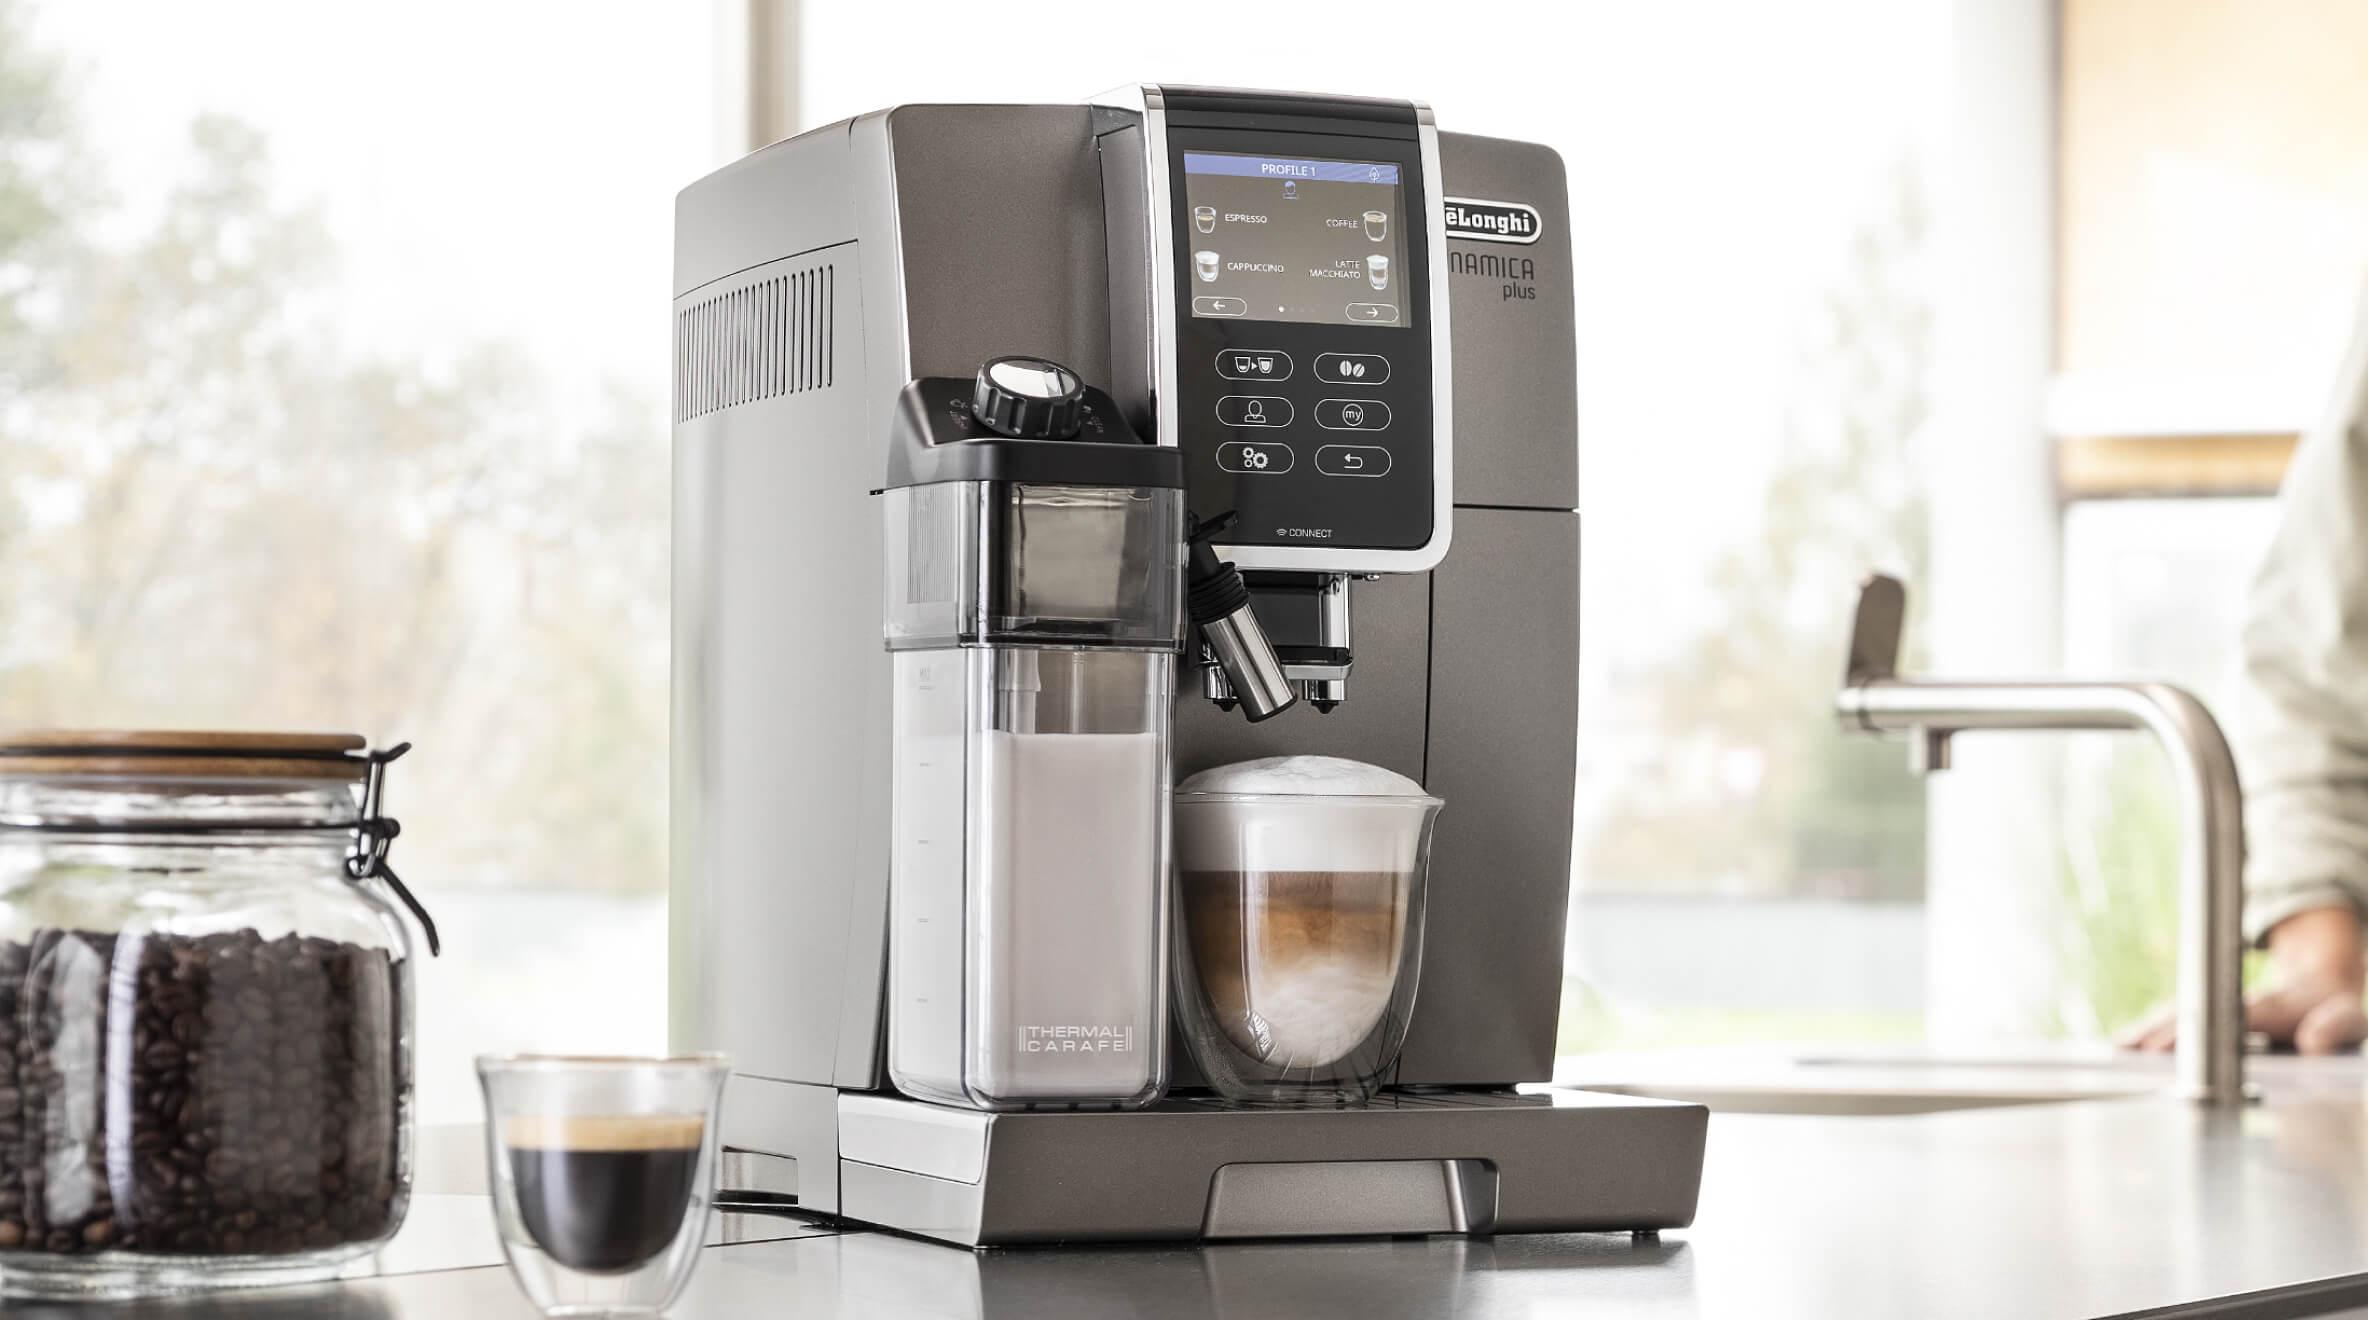 кофемашина с управлением со смартфона